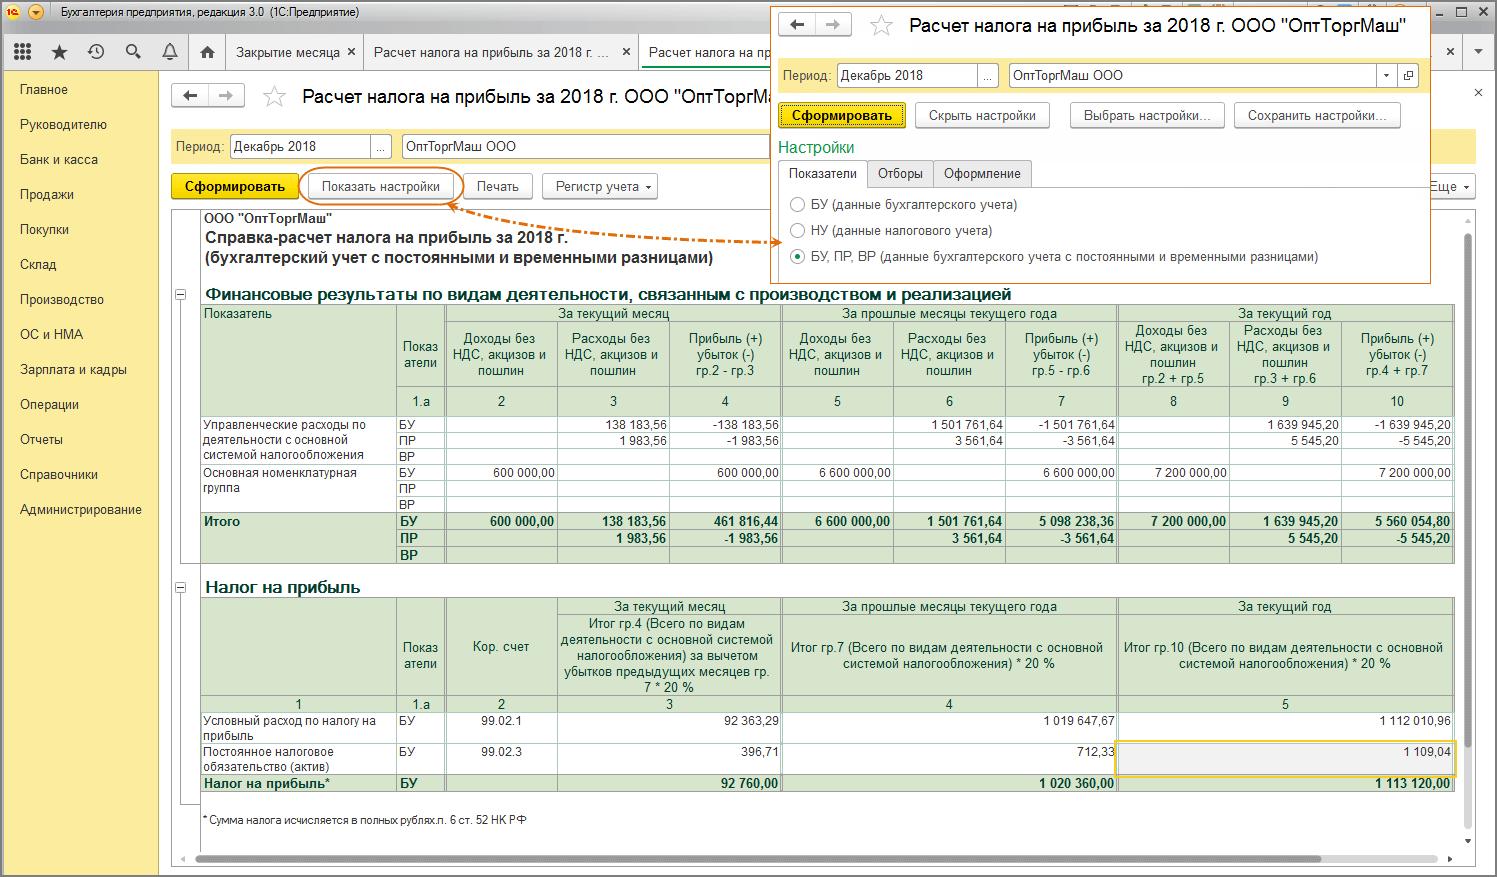 Постоянная разница в оценке расходов